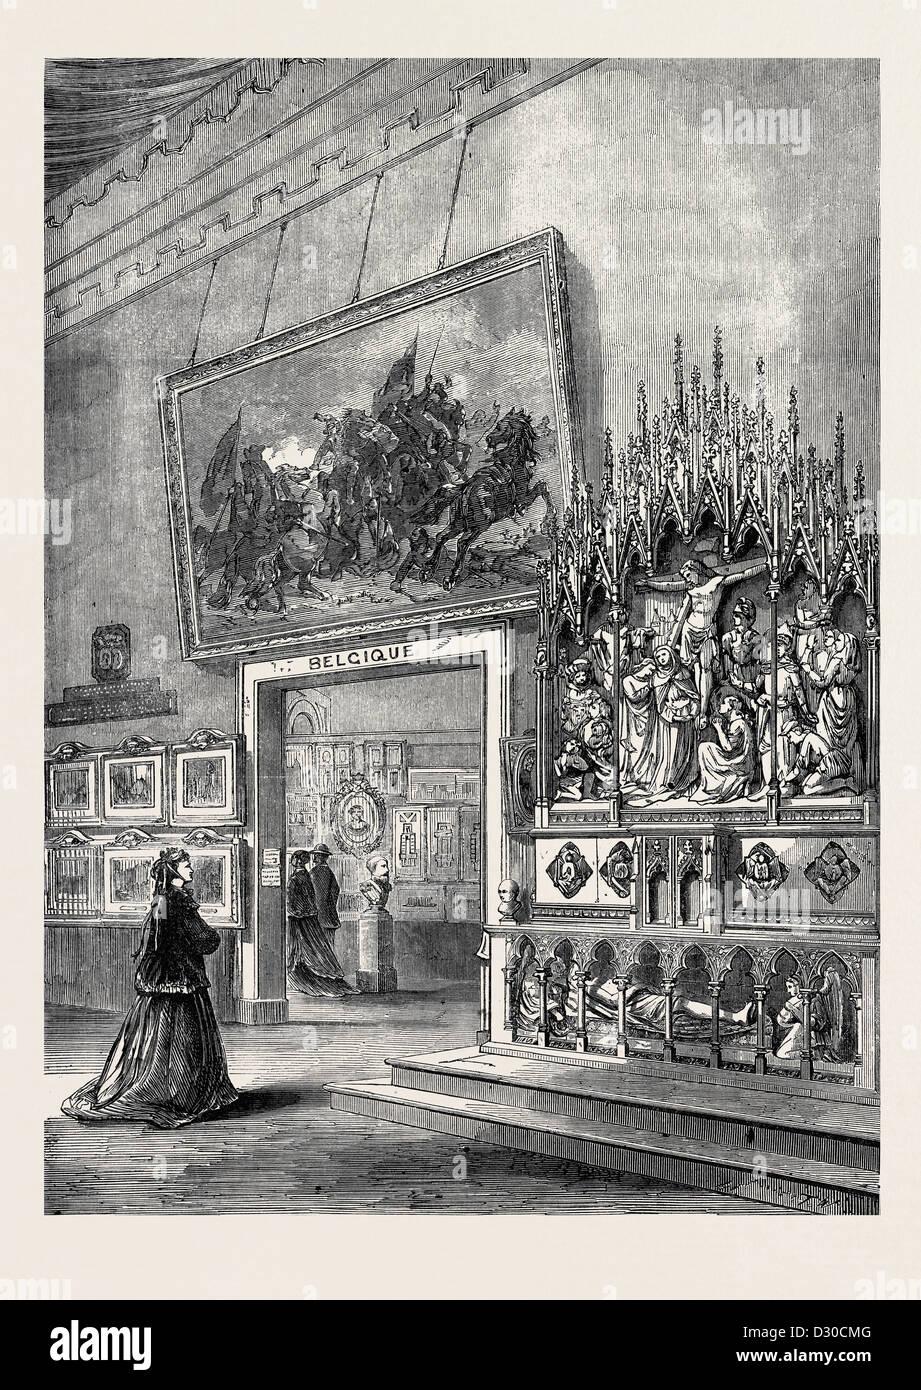 L'esposizione internazionale di Parigi: ESPOSIZIONE DI BELLE ARTI NELLA SEZIONE BELGA FRANCIA 1867 Immagini Stock